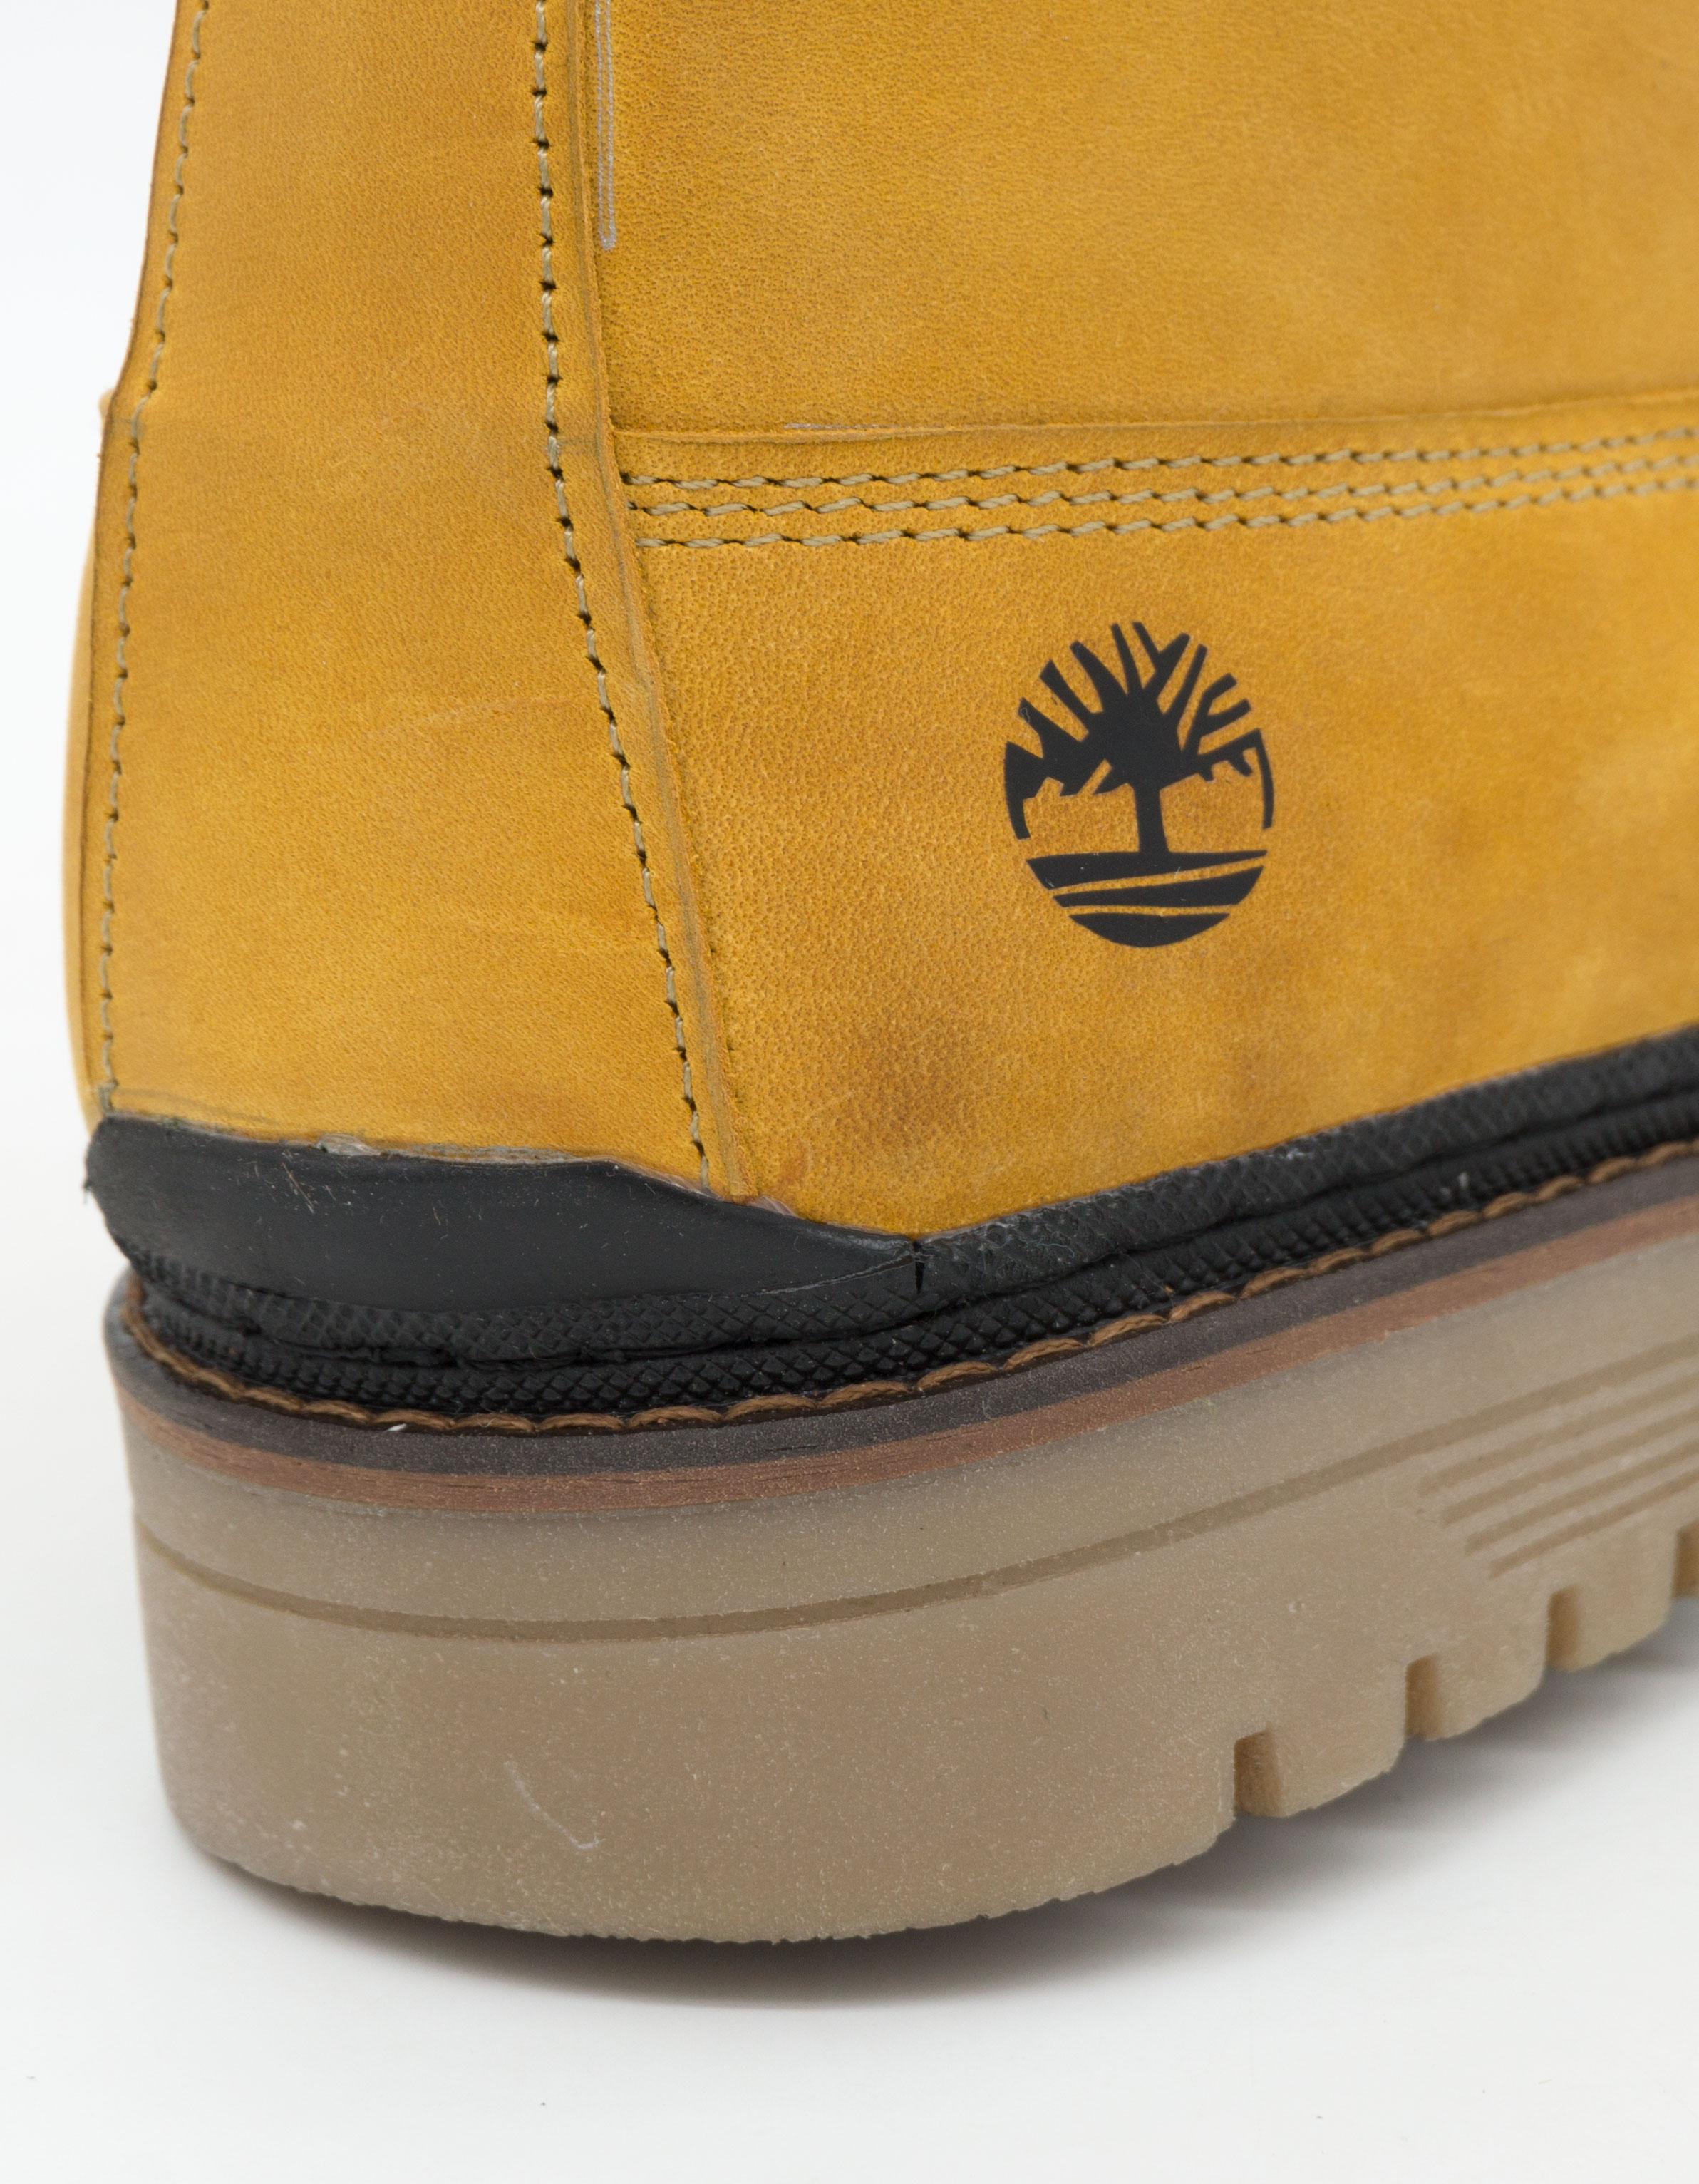 большое фото №6 Желтые мужские ботинки Реплика Timberland 103 (Тимберленд)